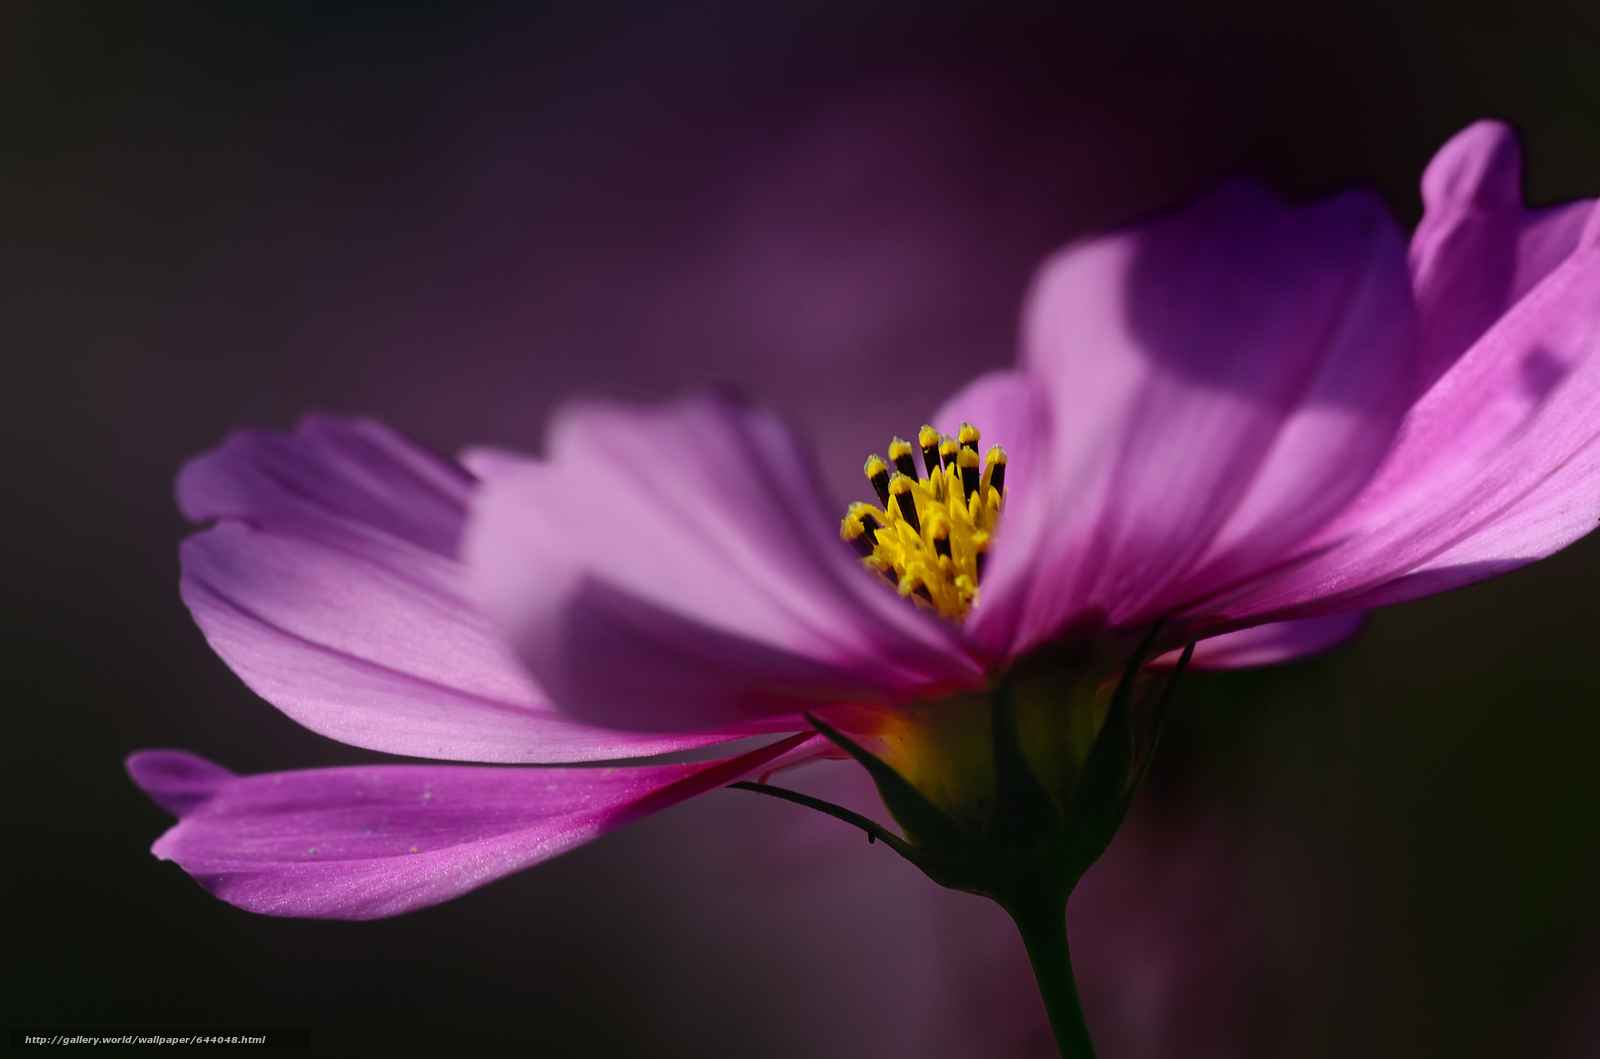 Tlcharger Fond d'ecran Fleurs,  fleur,  kosmeya,  cosmos Fonds d'ecran gratuits pour votre rsolution du bureau 2048x1356 — image №644048